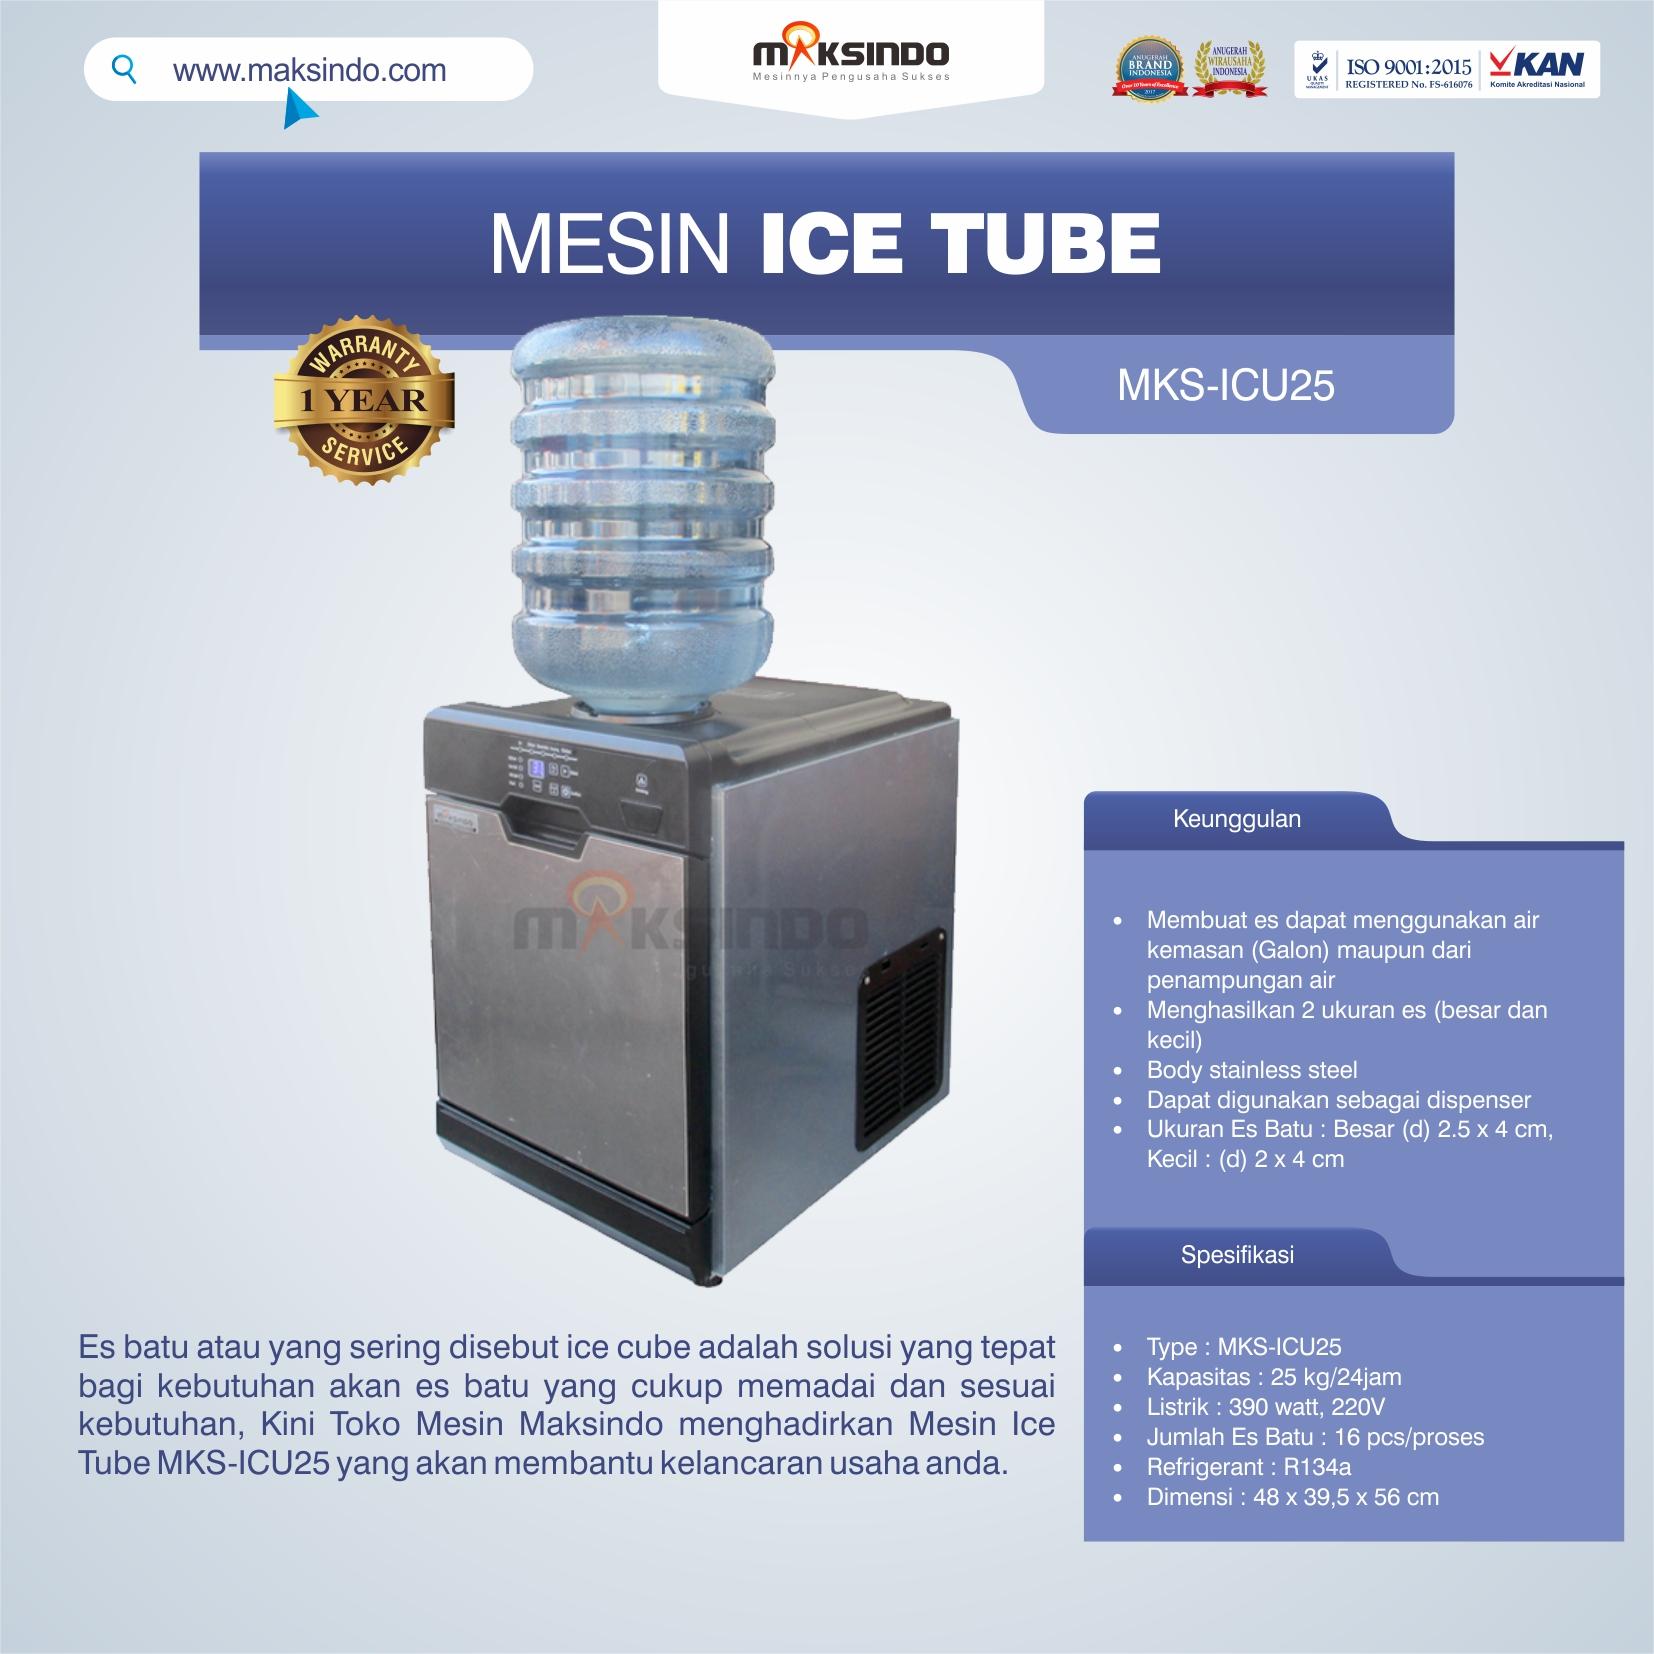 Jual Mesin Ice Tube MKS-ICU25 di Bali